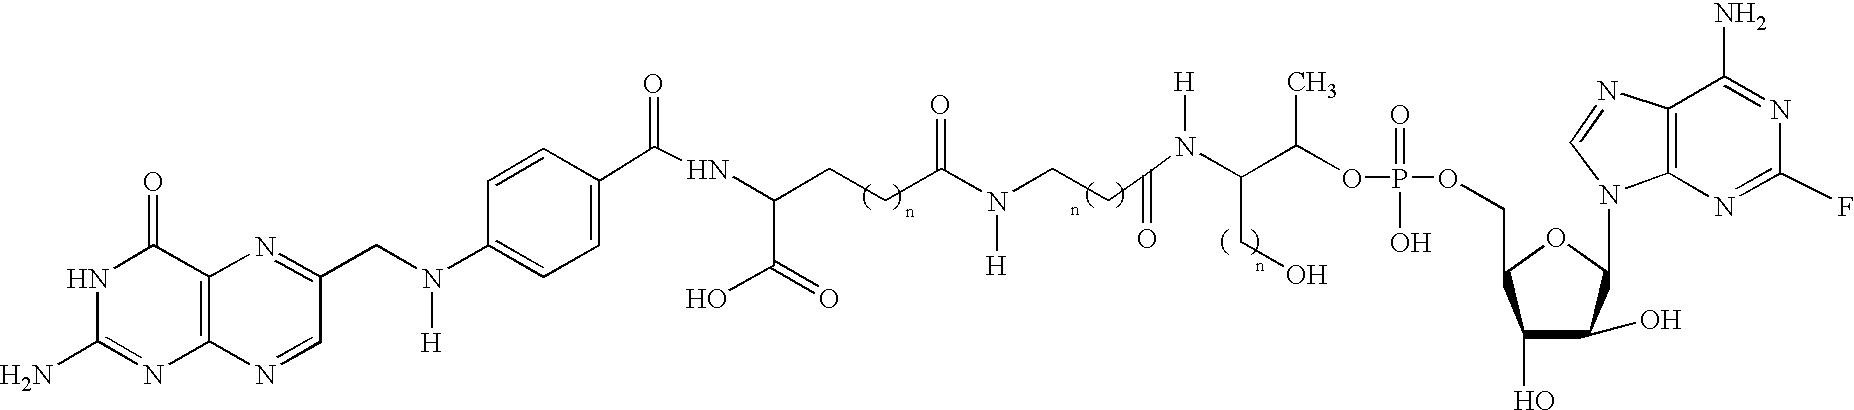 Figure US20030104985A1-20030605-C00074